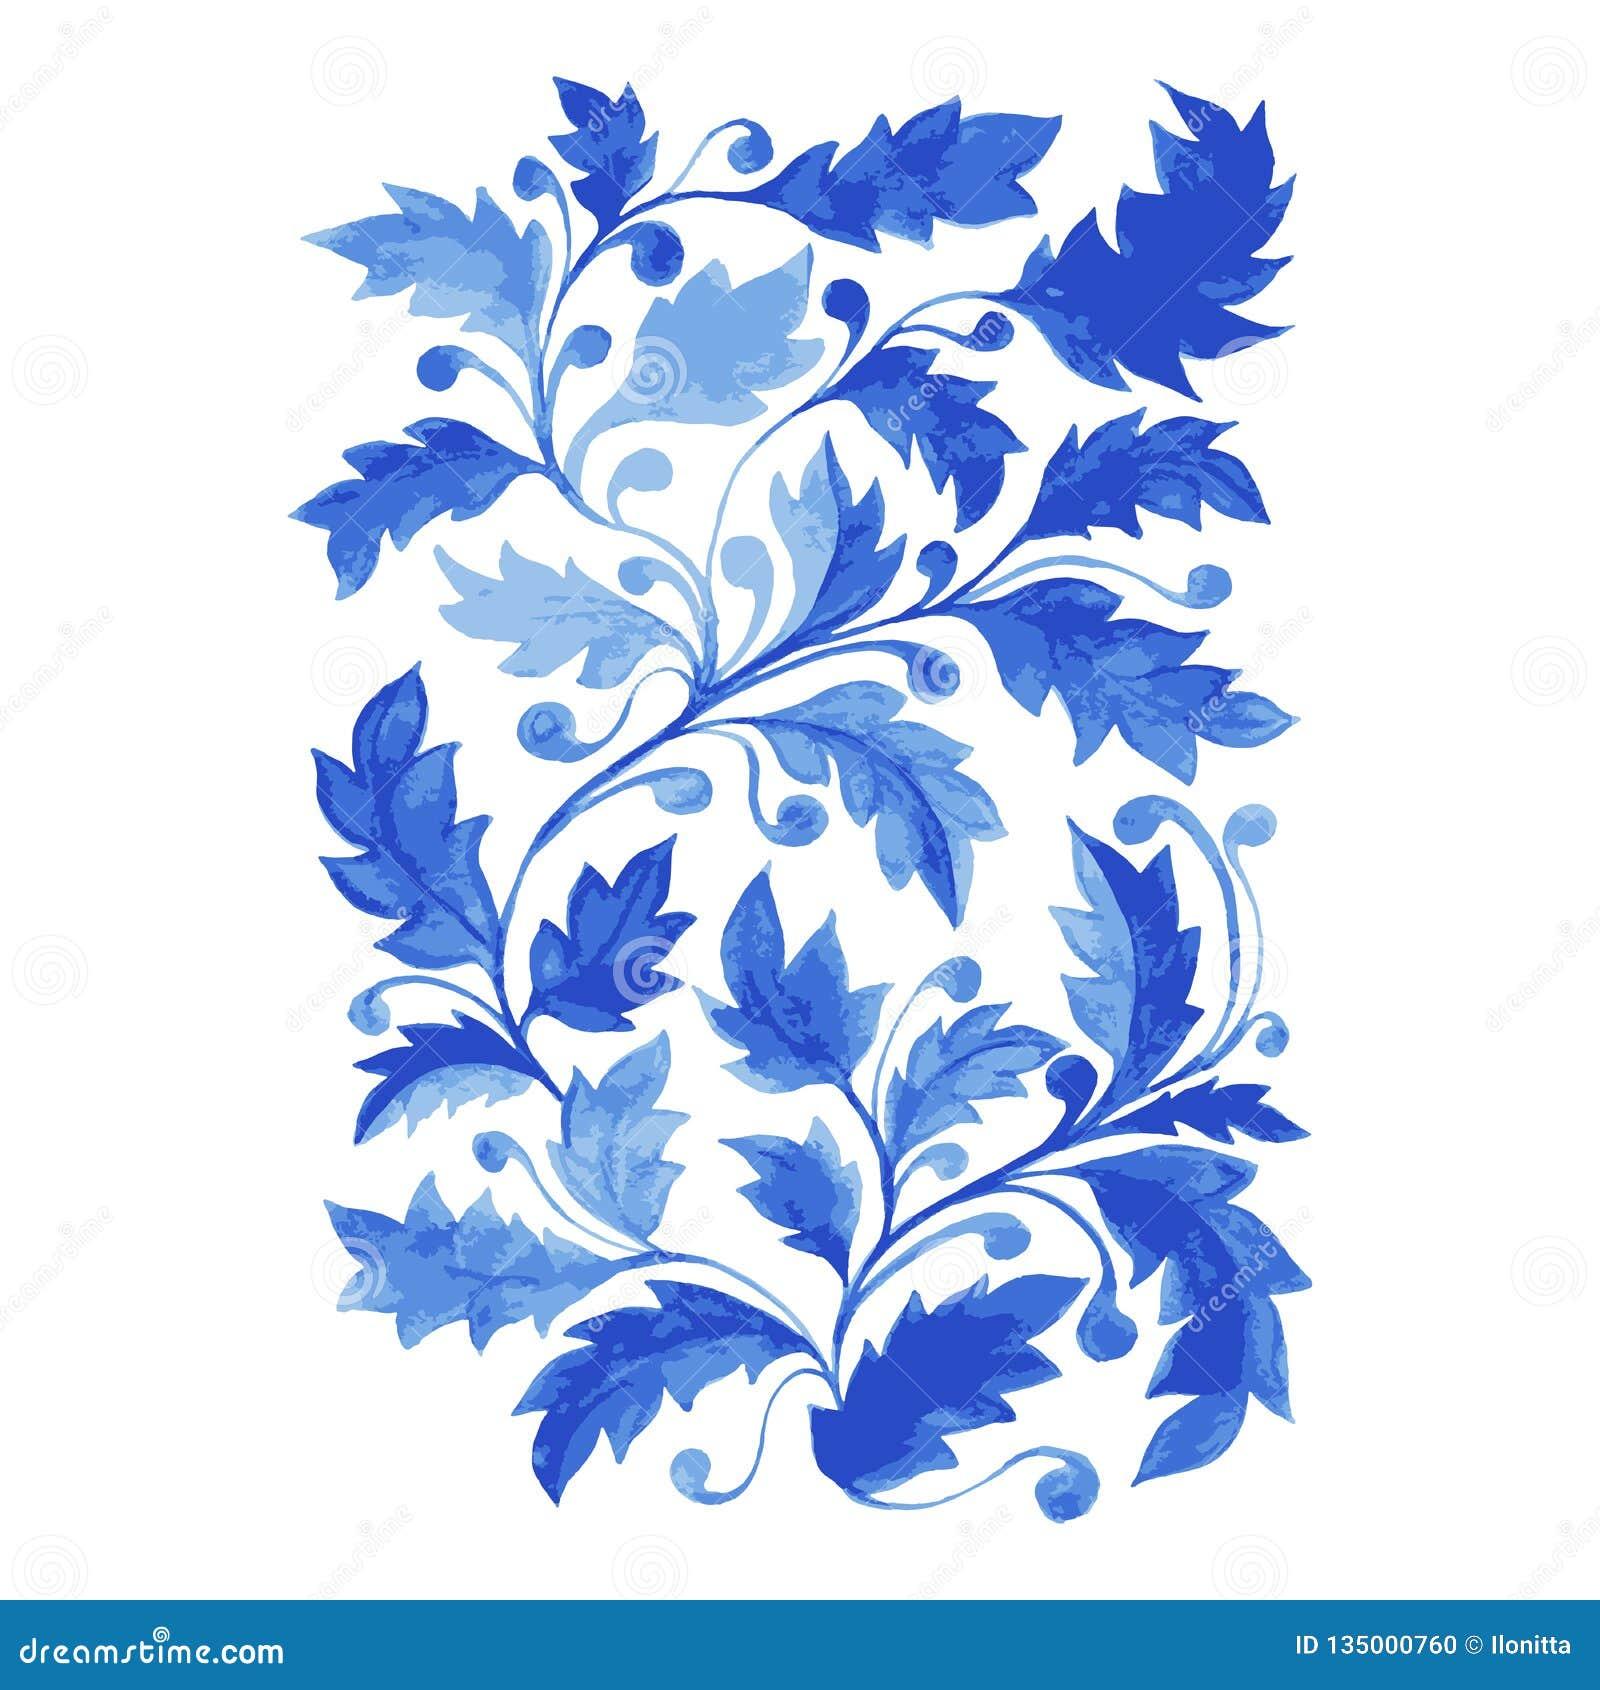 Cartel azul de Azulejo, ilustraciones verticales del vector con las hojas de la acuarela, rizos y follaje